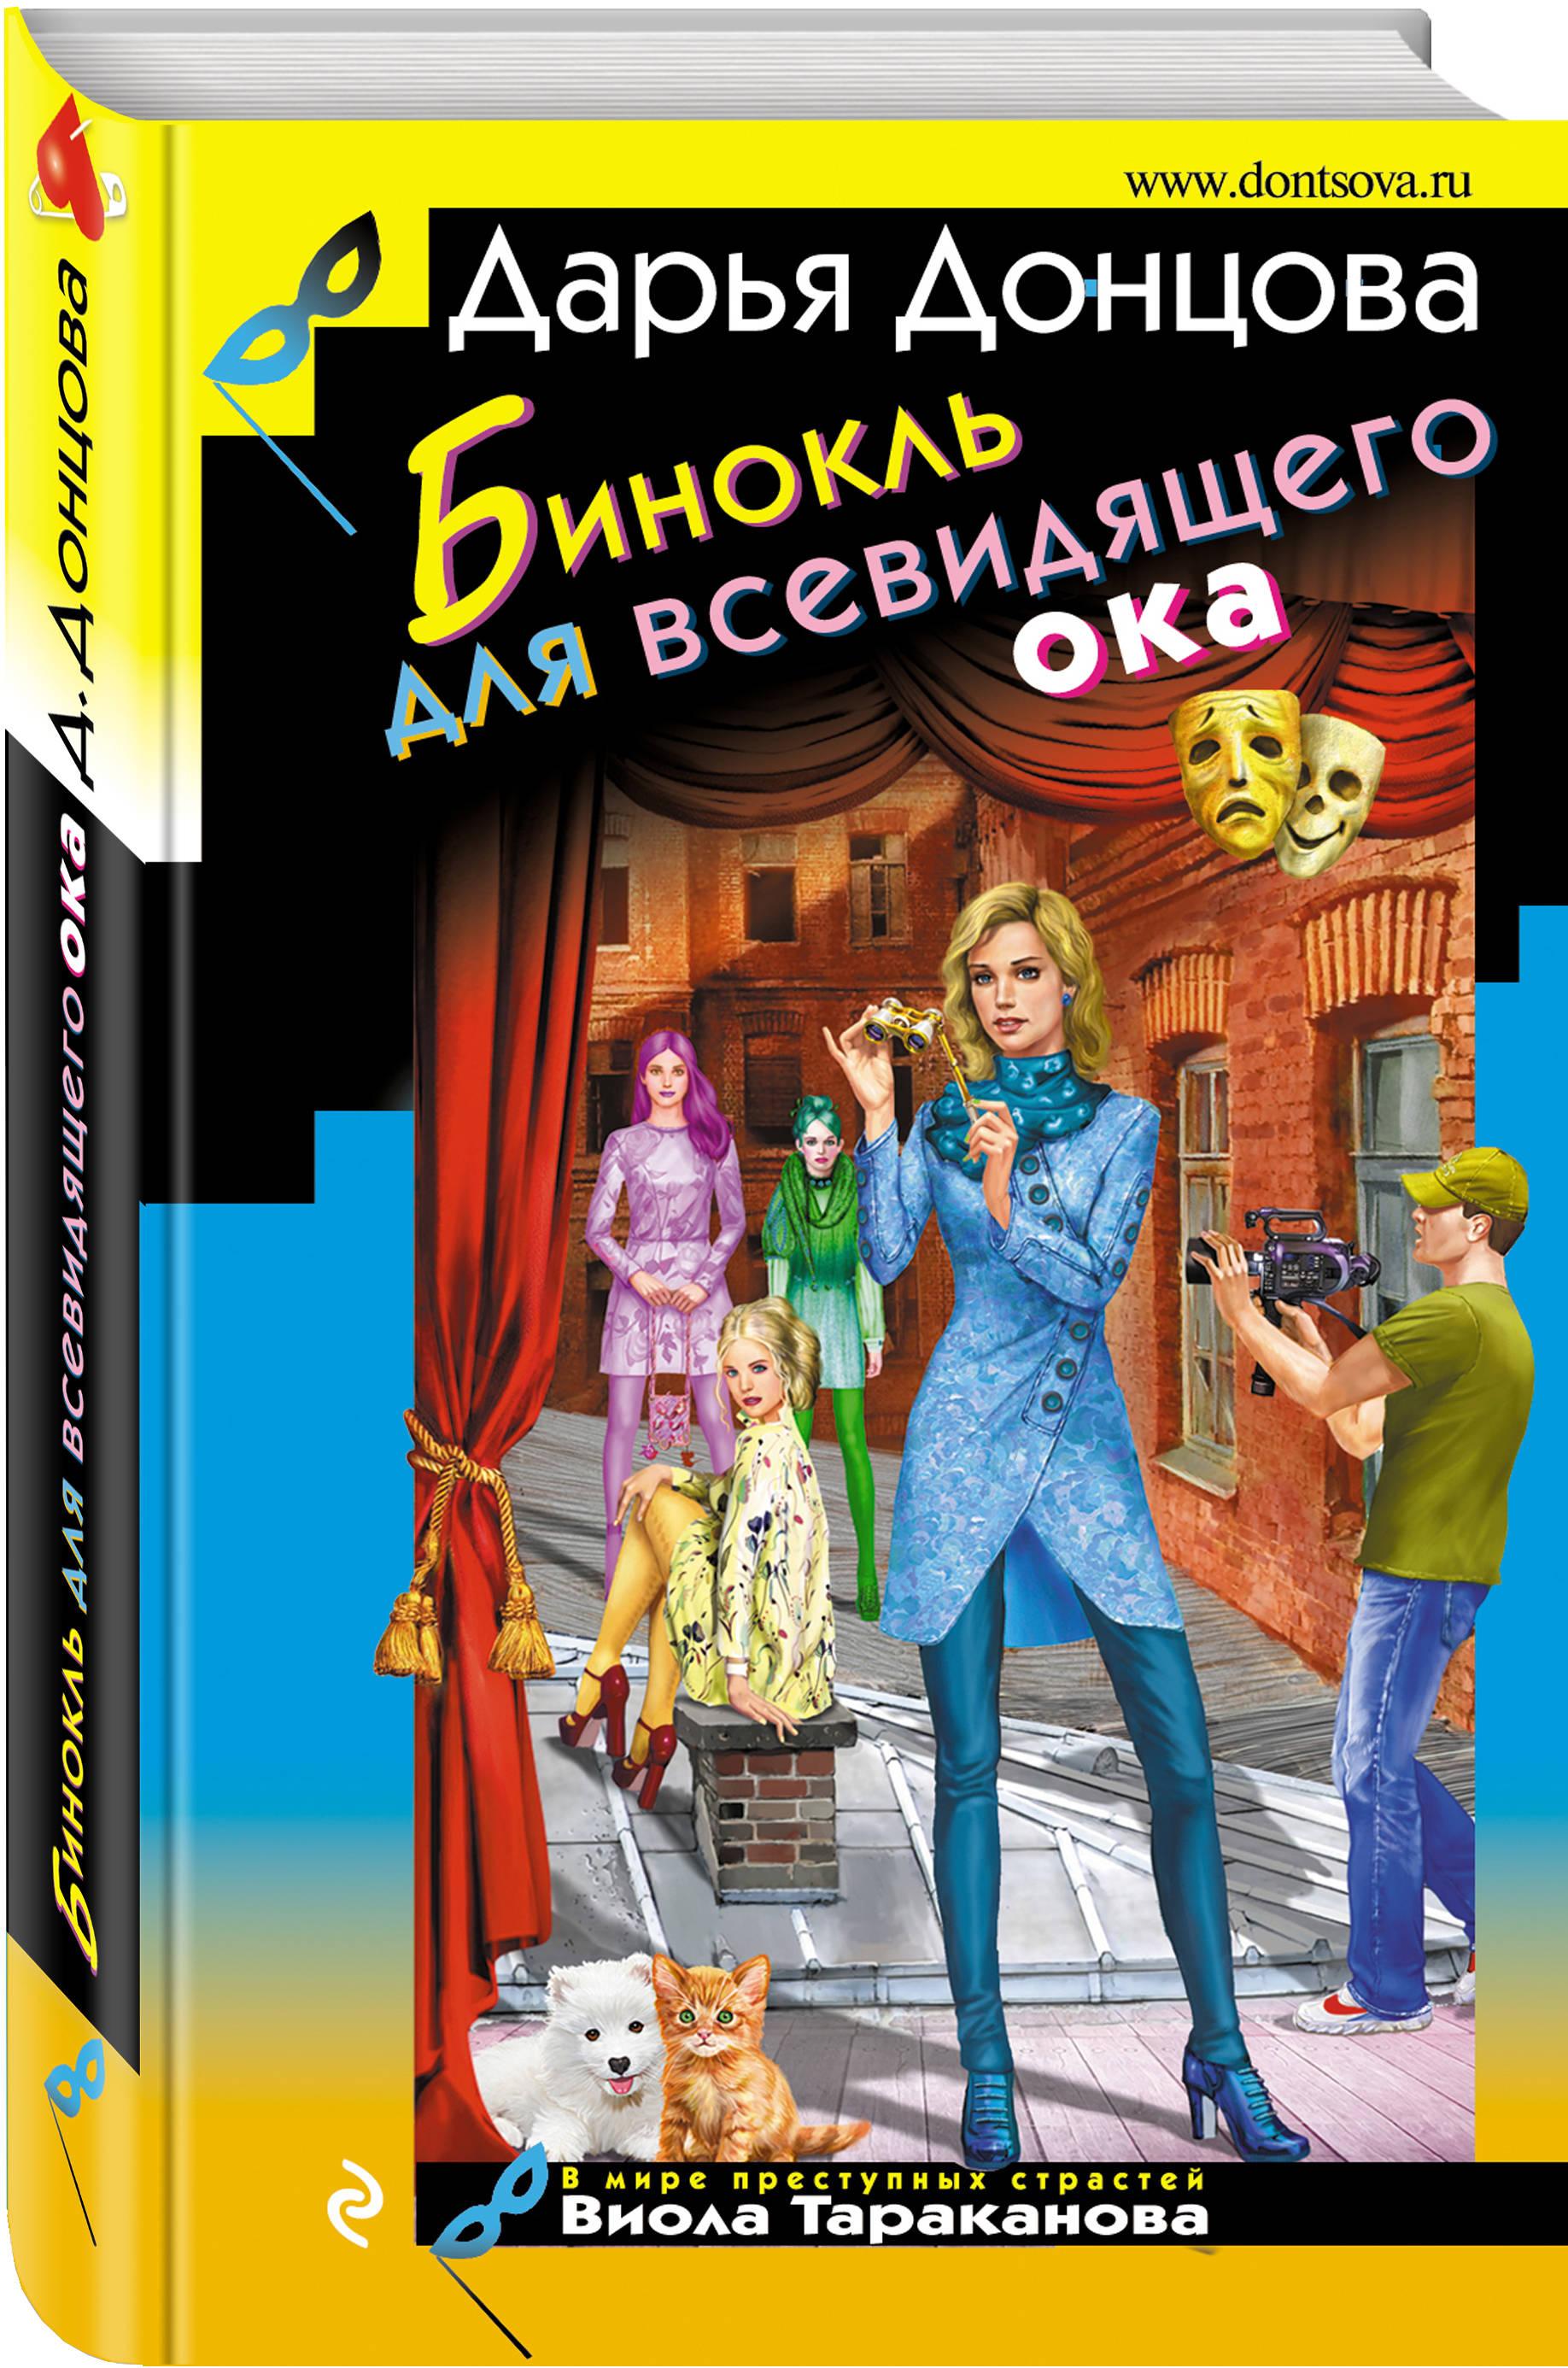 Донцова Дарья Аркадьевна Бинокль для всевидящего ока